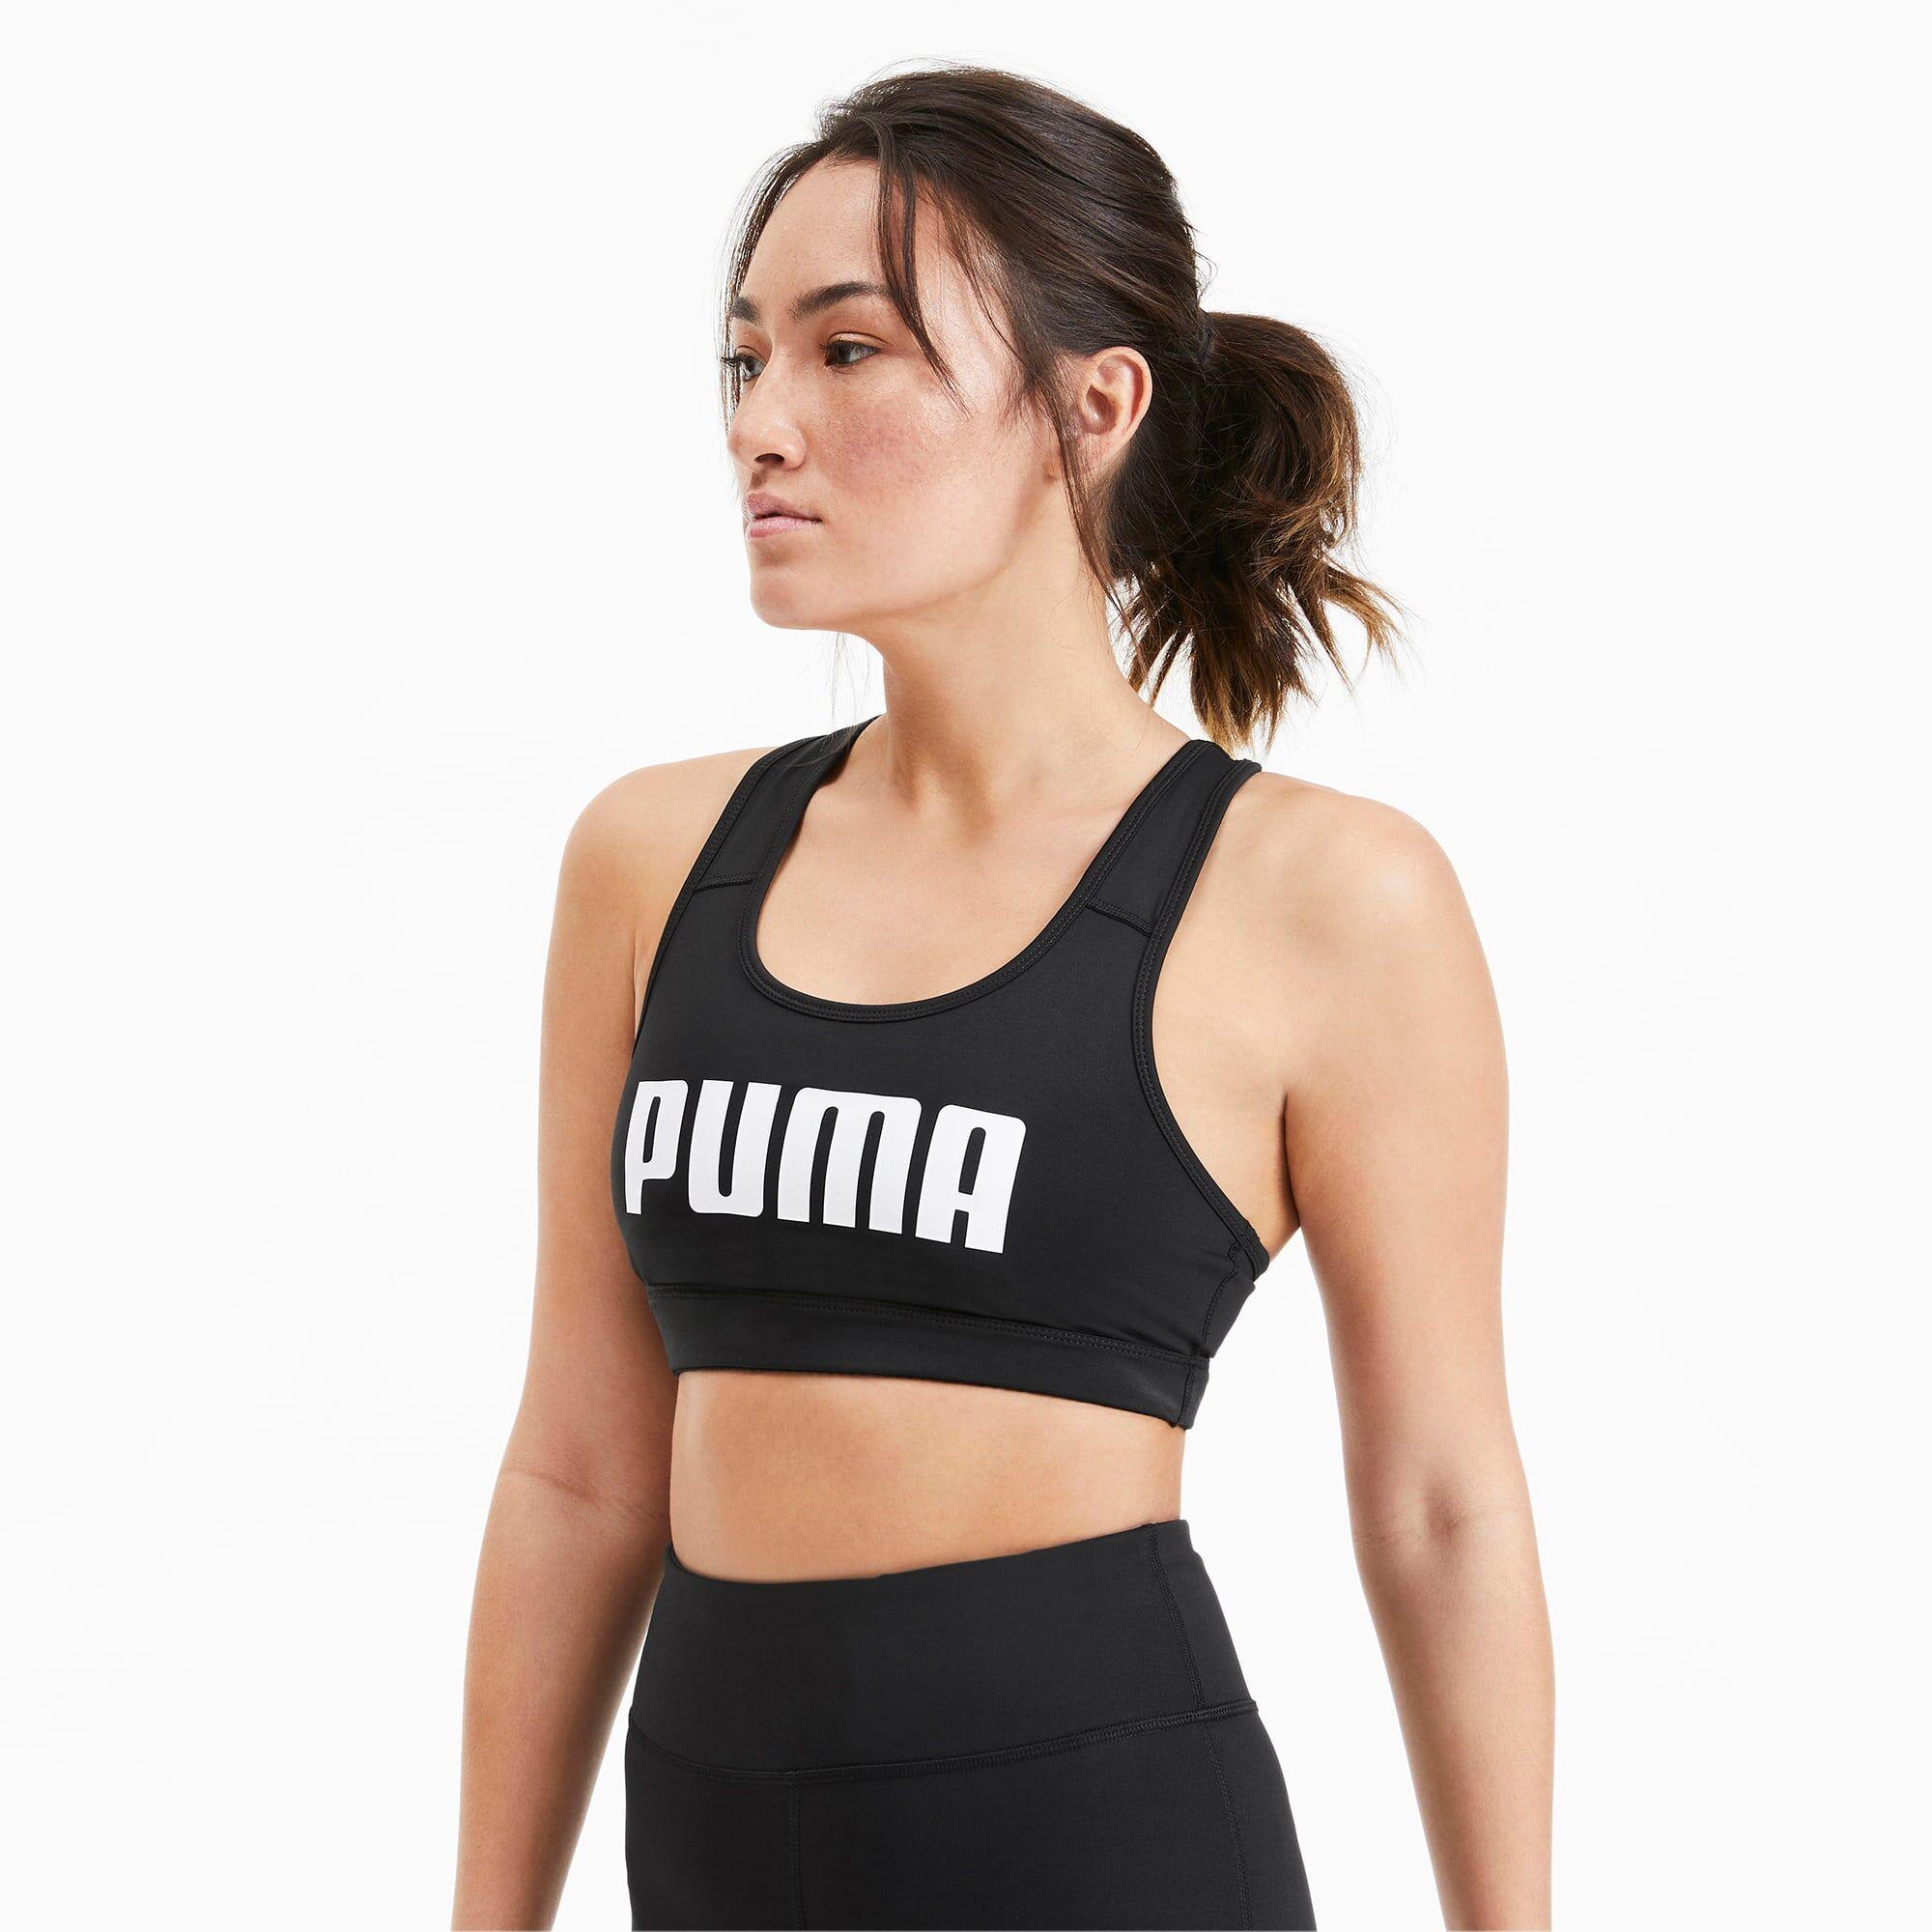 PUMA Soutien-gorge de sport 4Keeps pour Femme, Noir/Blanc, Taille XL, Vêtements